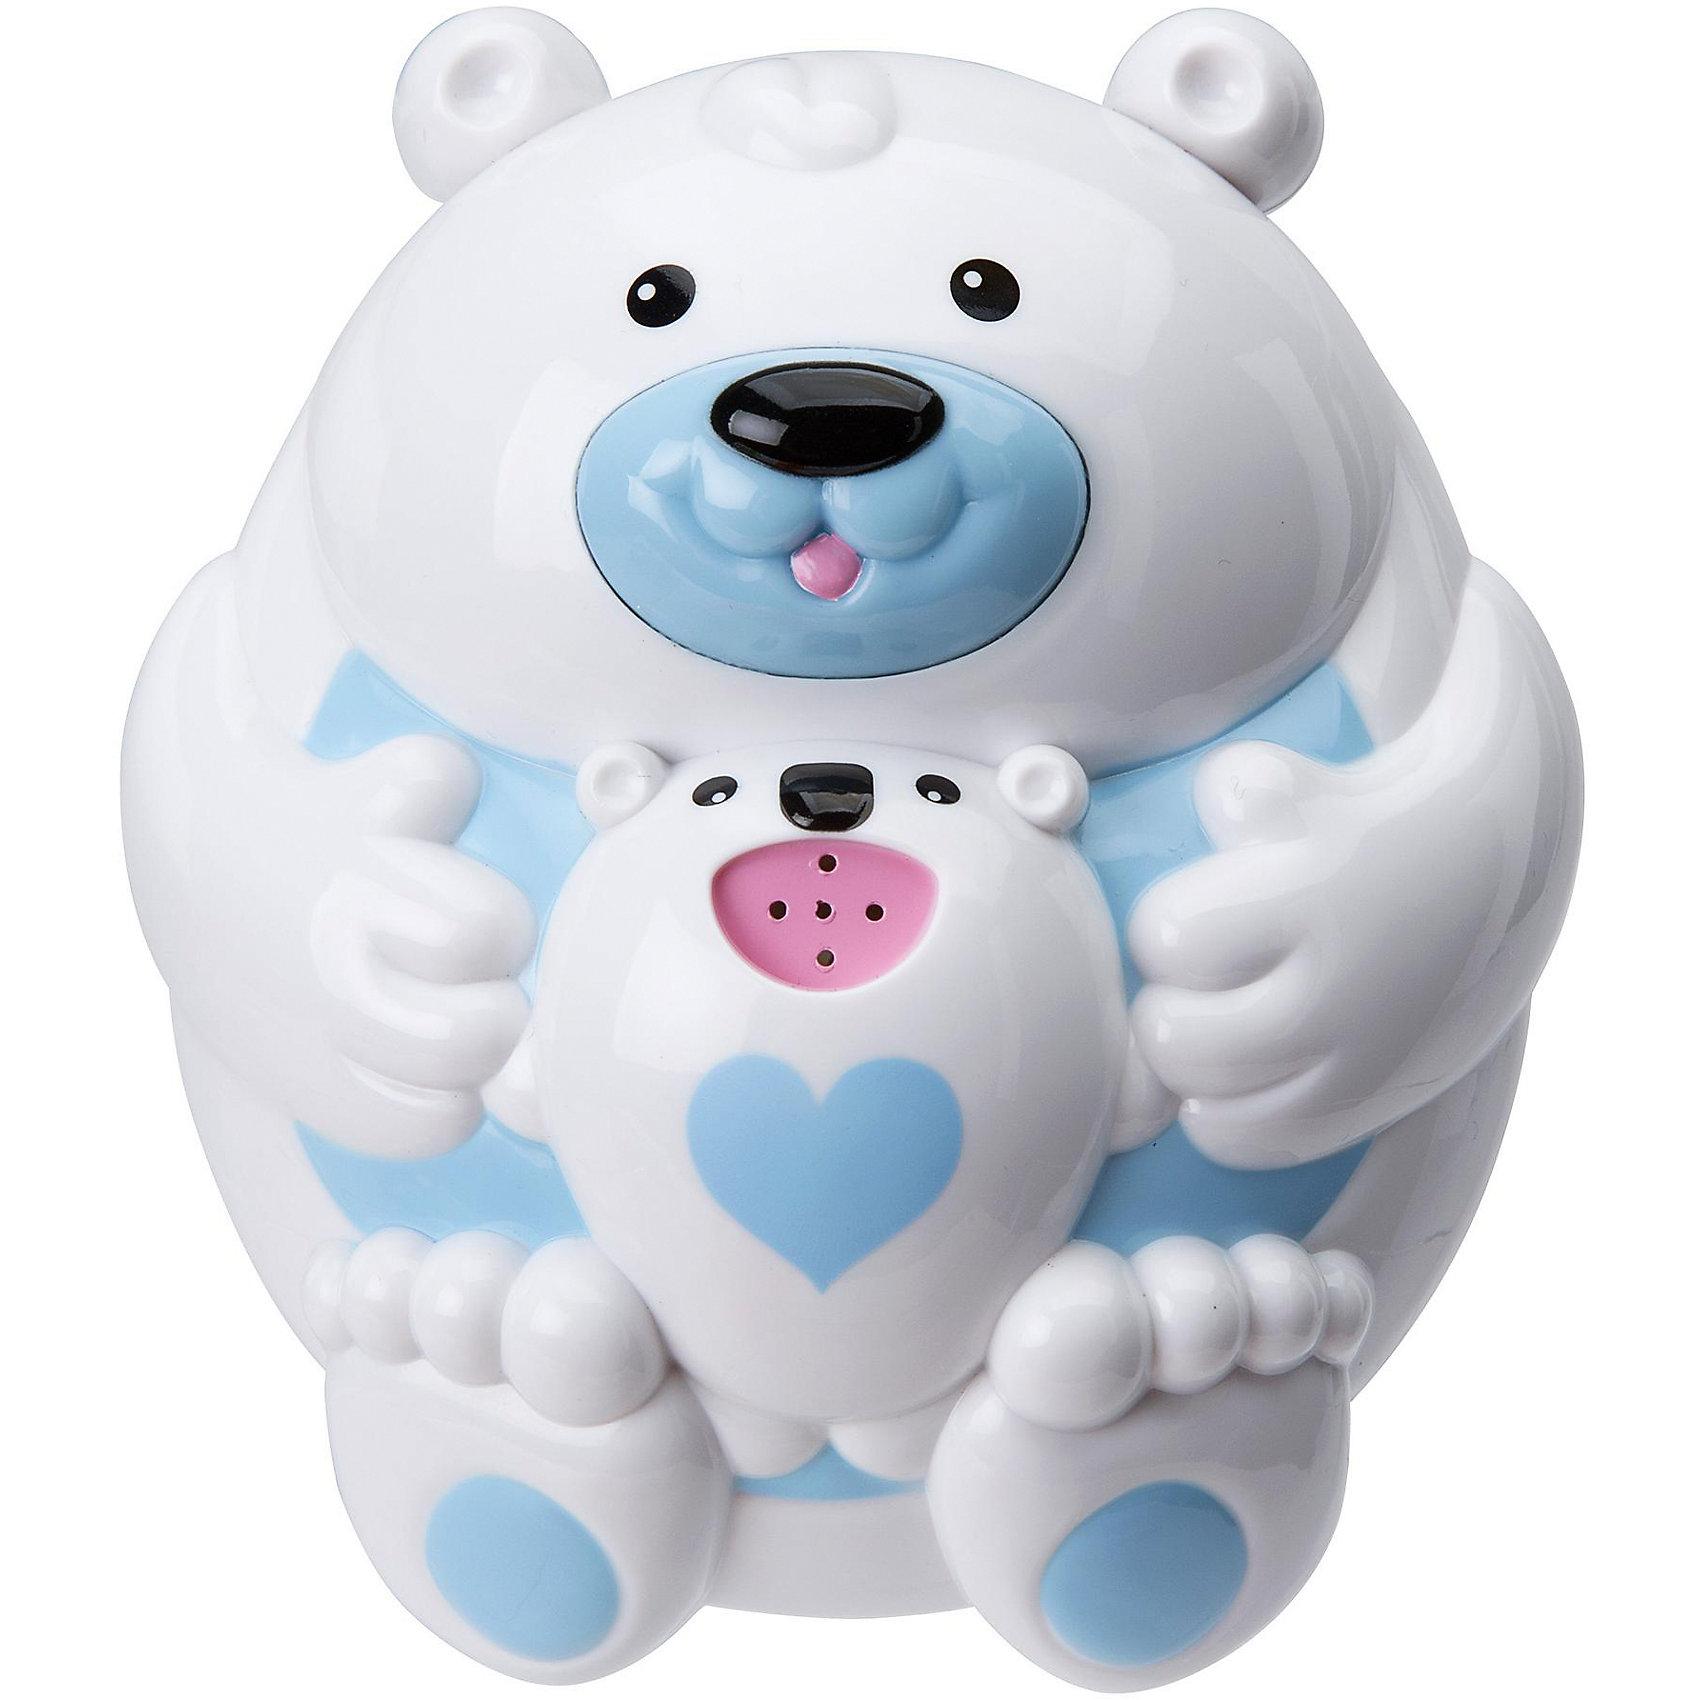 Игрушка для ванны Полярный медвежонок, ALEXЛейки и поливалки<br>Игрушка для ванны Полярный медвежонок.  Наполните игрушку водой и брызгайте фонтанчиком. Для детей от 3х лет.<br><br>Ширина мм: 150<br>Глубина мм: 70<br>Высота мм: 180<br>Вес г: 560<br>Возраст от месяцев: 36<br>Возраст до месяцев: 2147483647<br>Пол: Унисекс<br>Возраст: Детский<br>SKU: 5503309